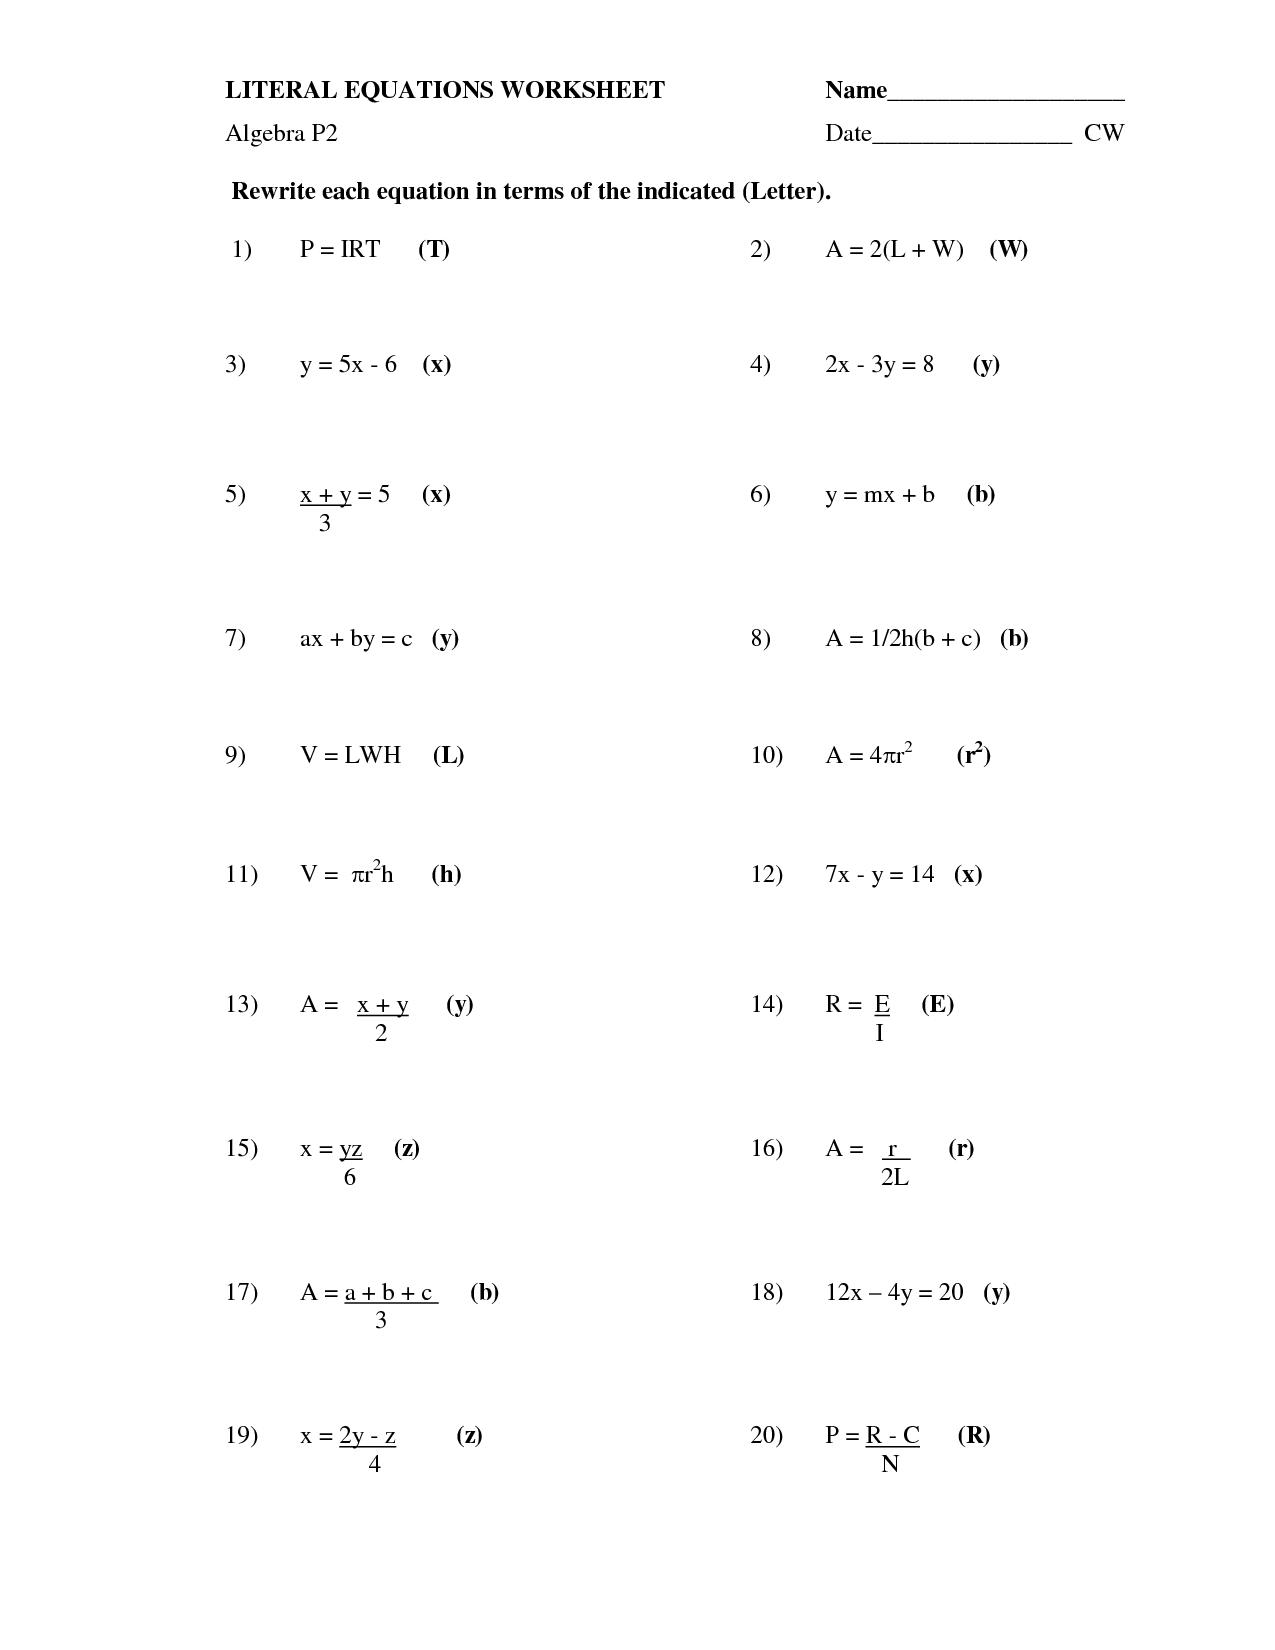 13 Best Images Of Literal Equations Worksheet Algebra 2 Math  Literal Equations Worksheet